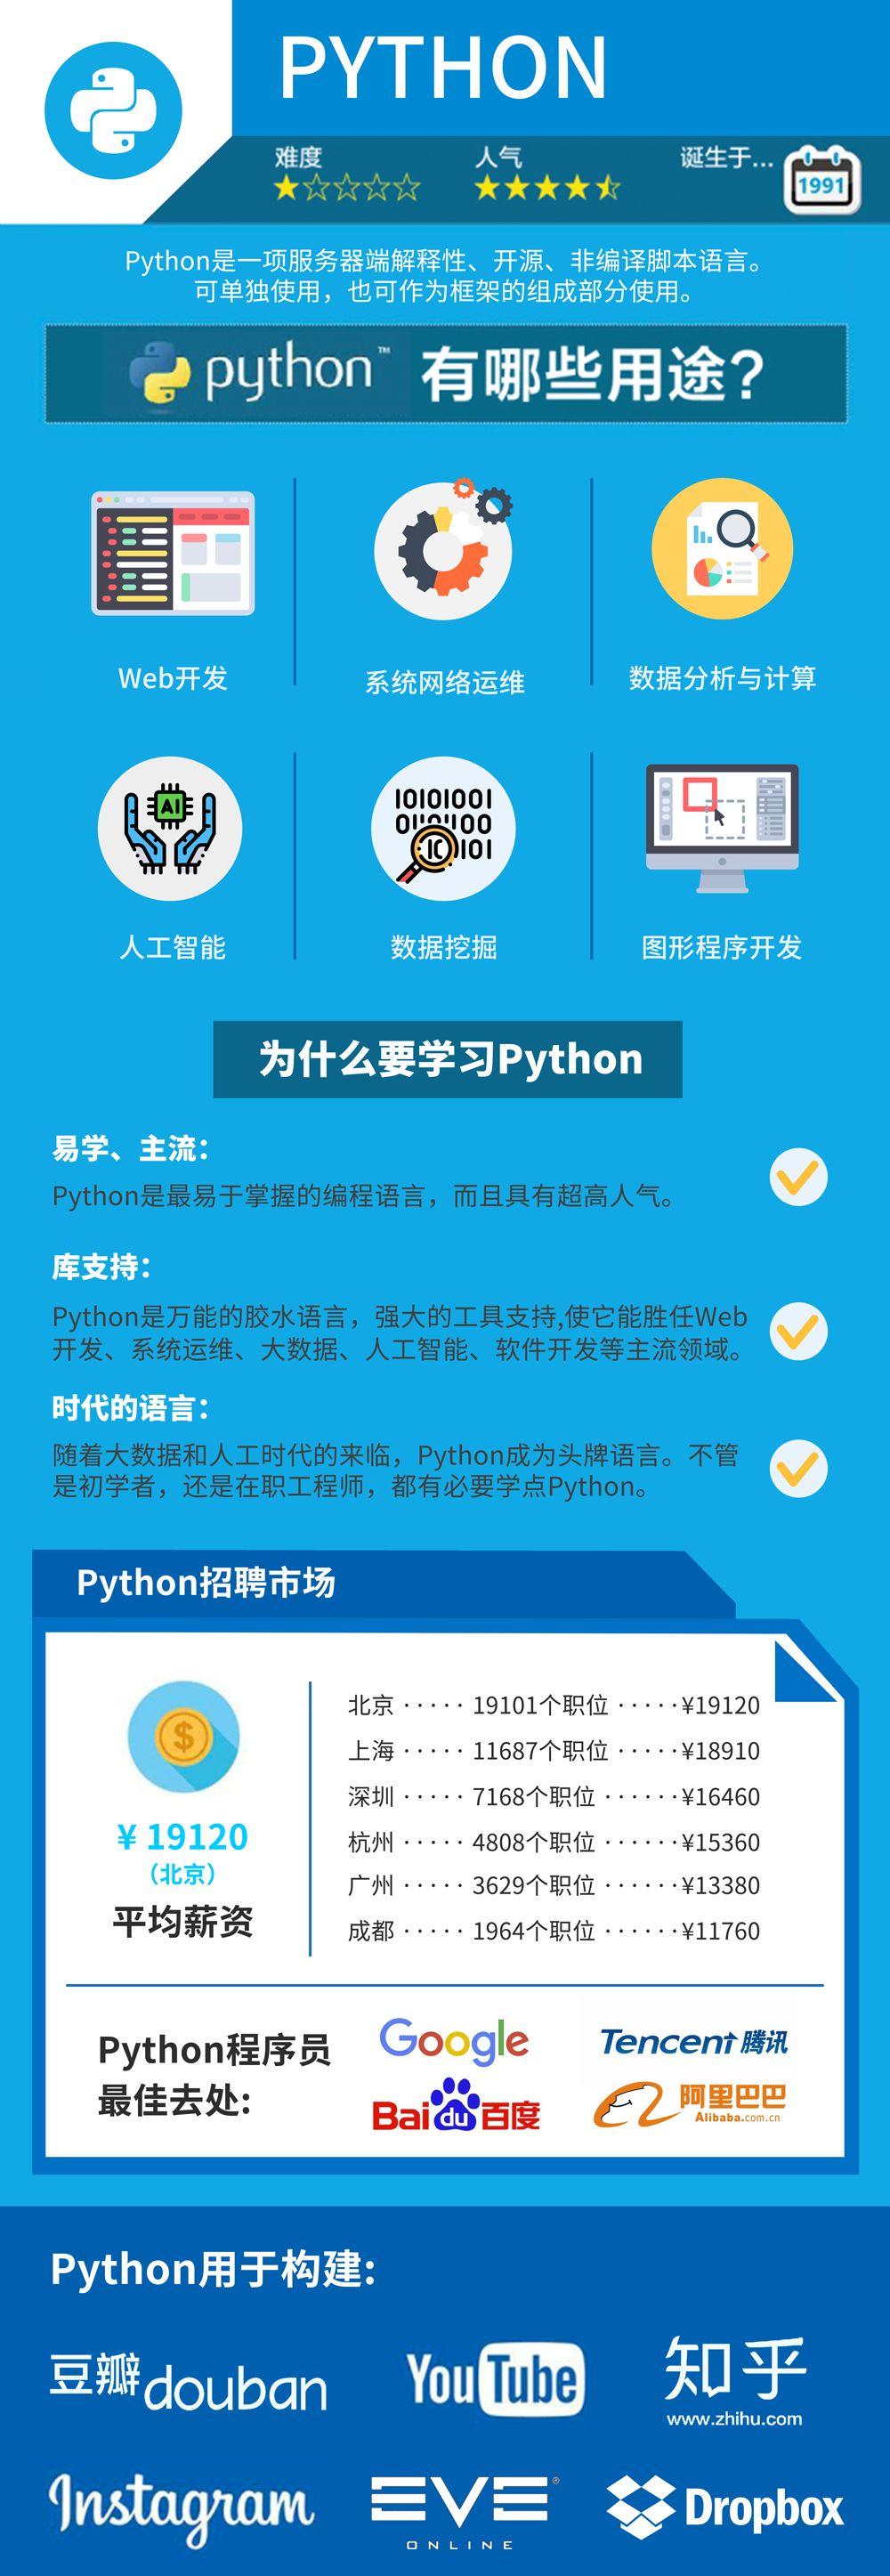 暴力开王力锁芯工具|学Python到底好不好?Python程序员月薪多少?